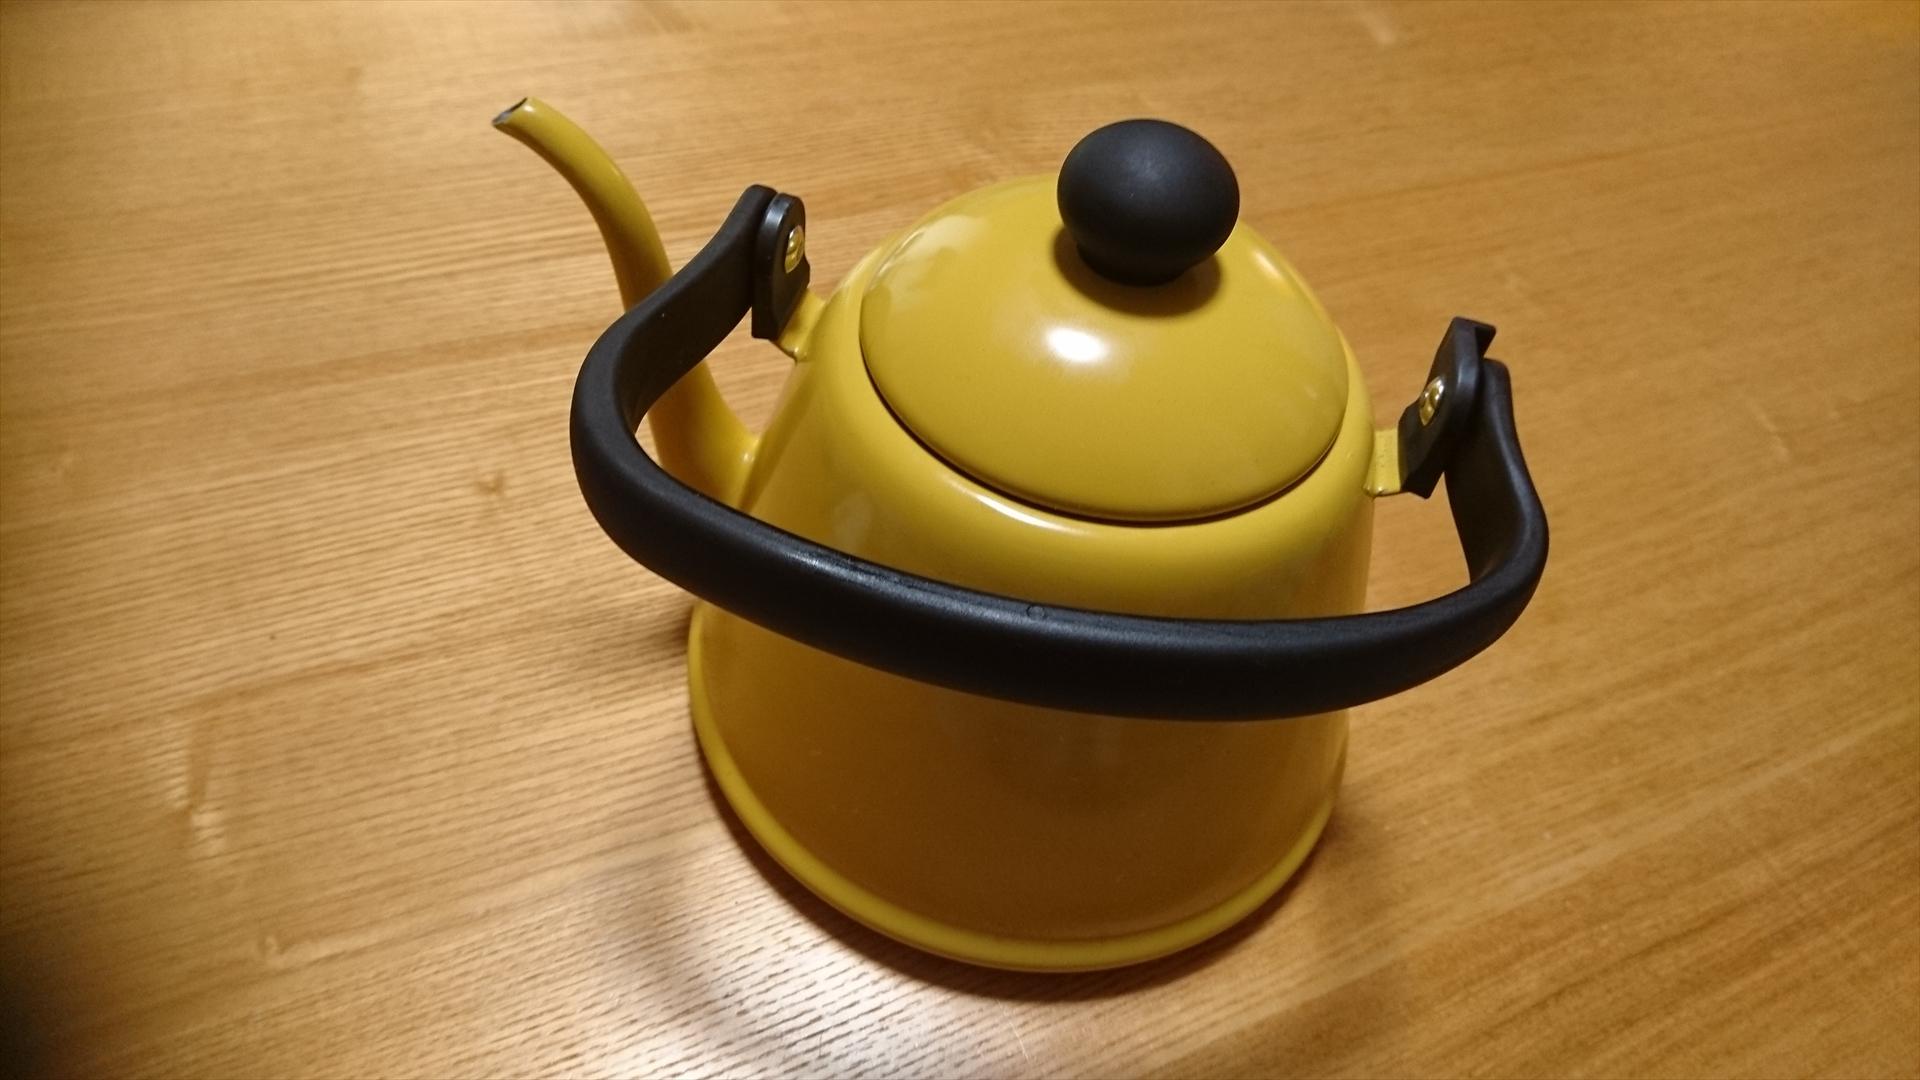 野田琺瑯 ドリップケトルII キャメル DK-200